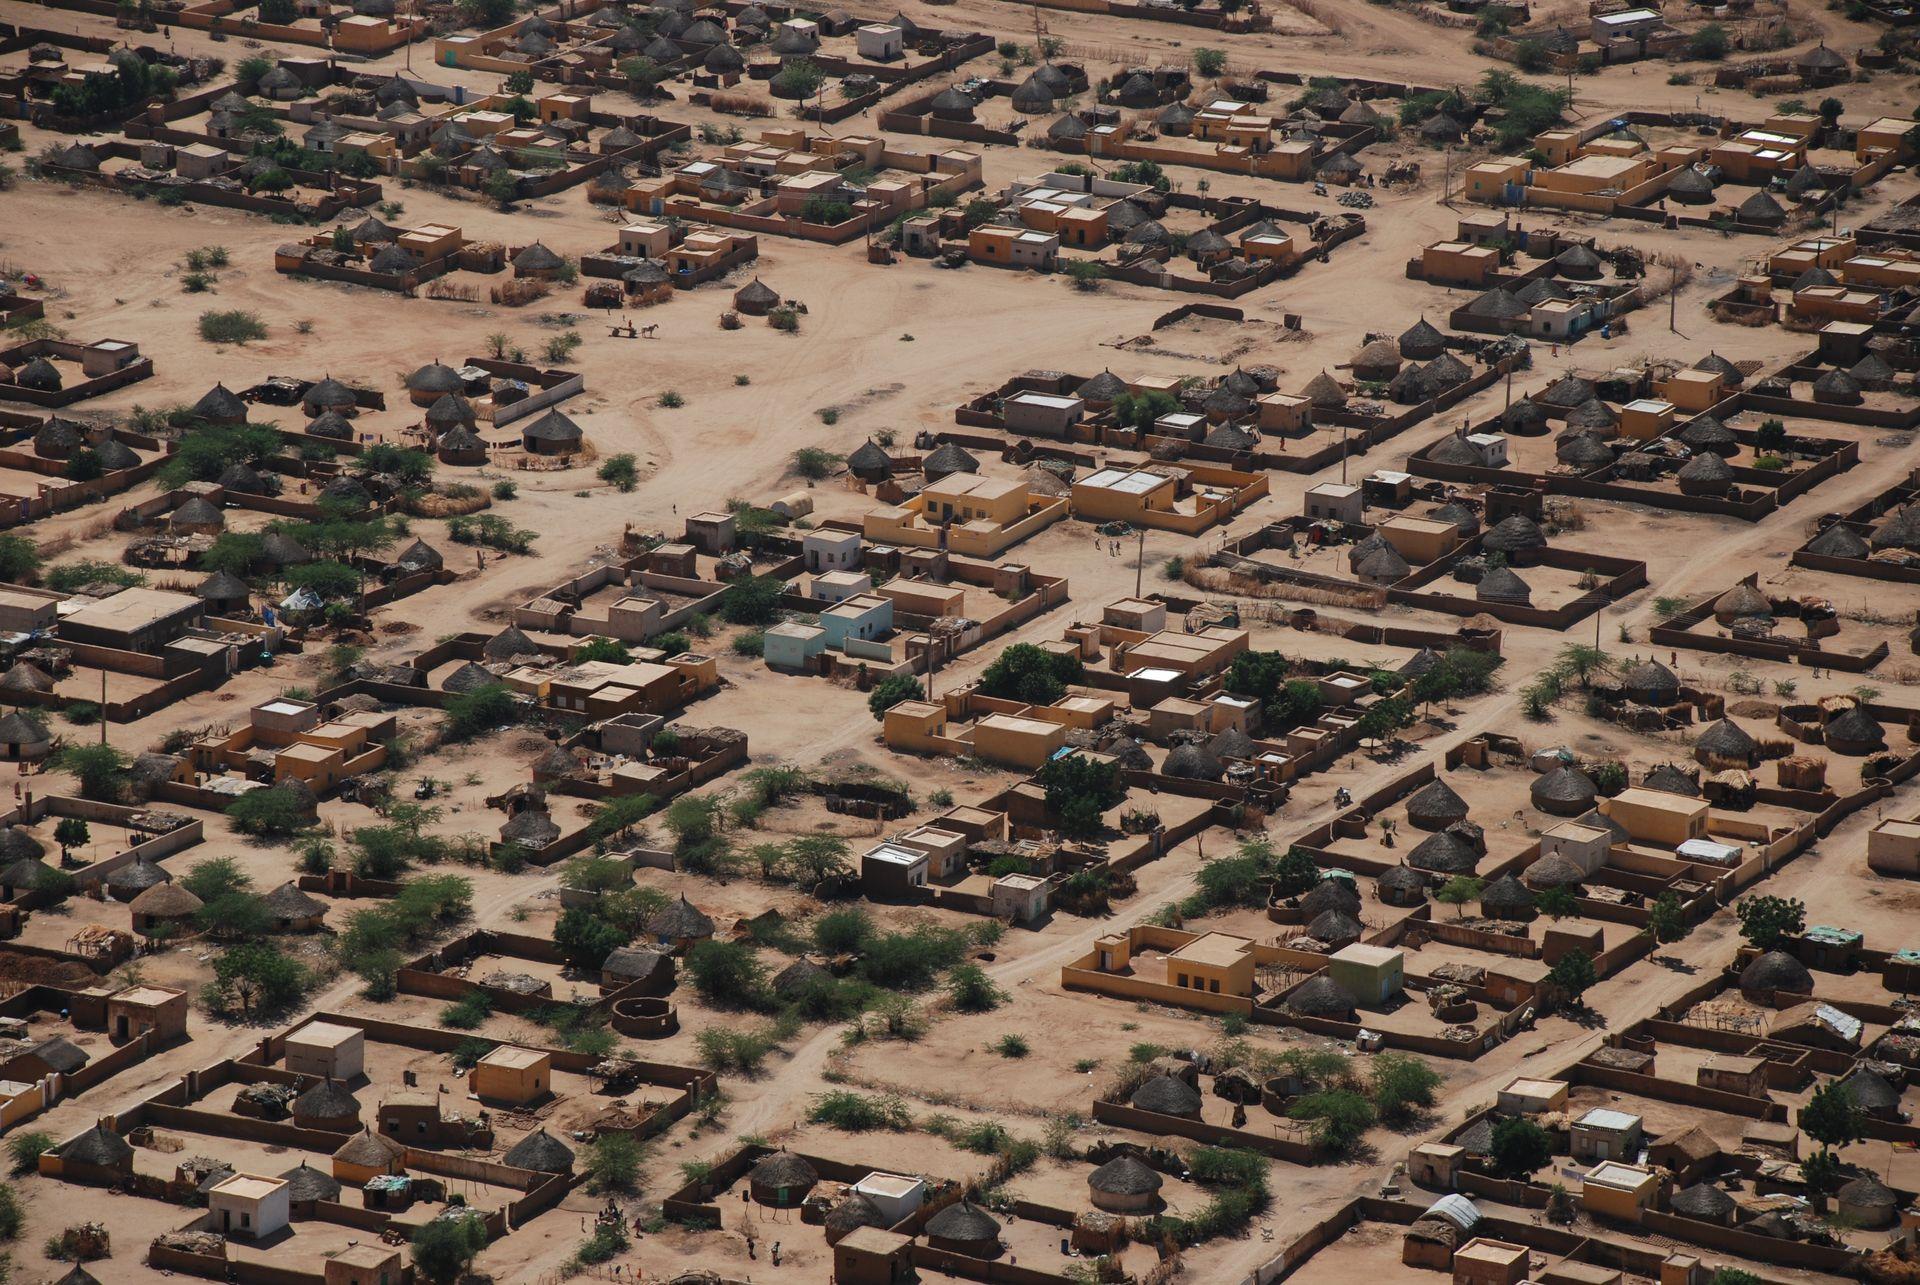 Kassala (en italien: Cassala ) la capitale de l'état de  Kassala dans l'est du Soudan, ville peuplé en Partie par les Arabes des Banu Rashayda